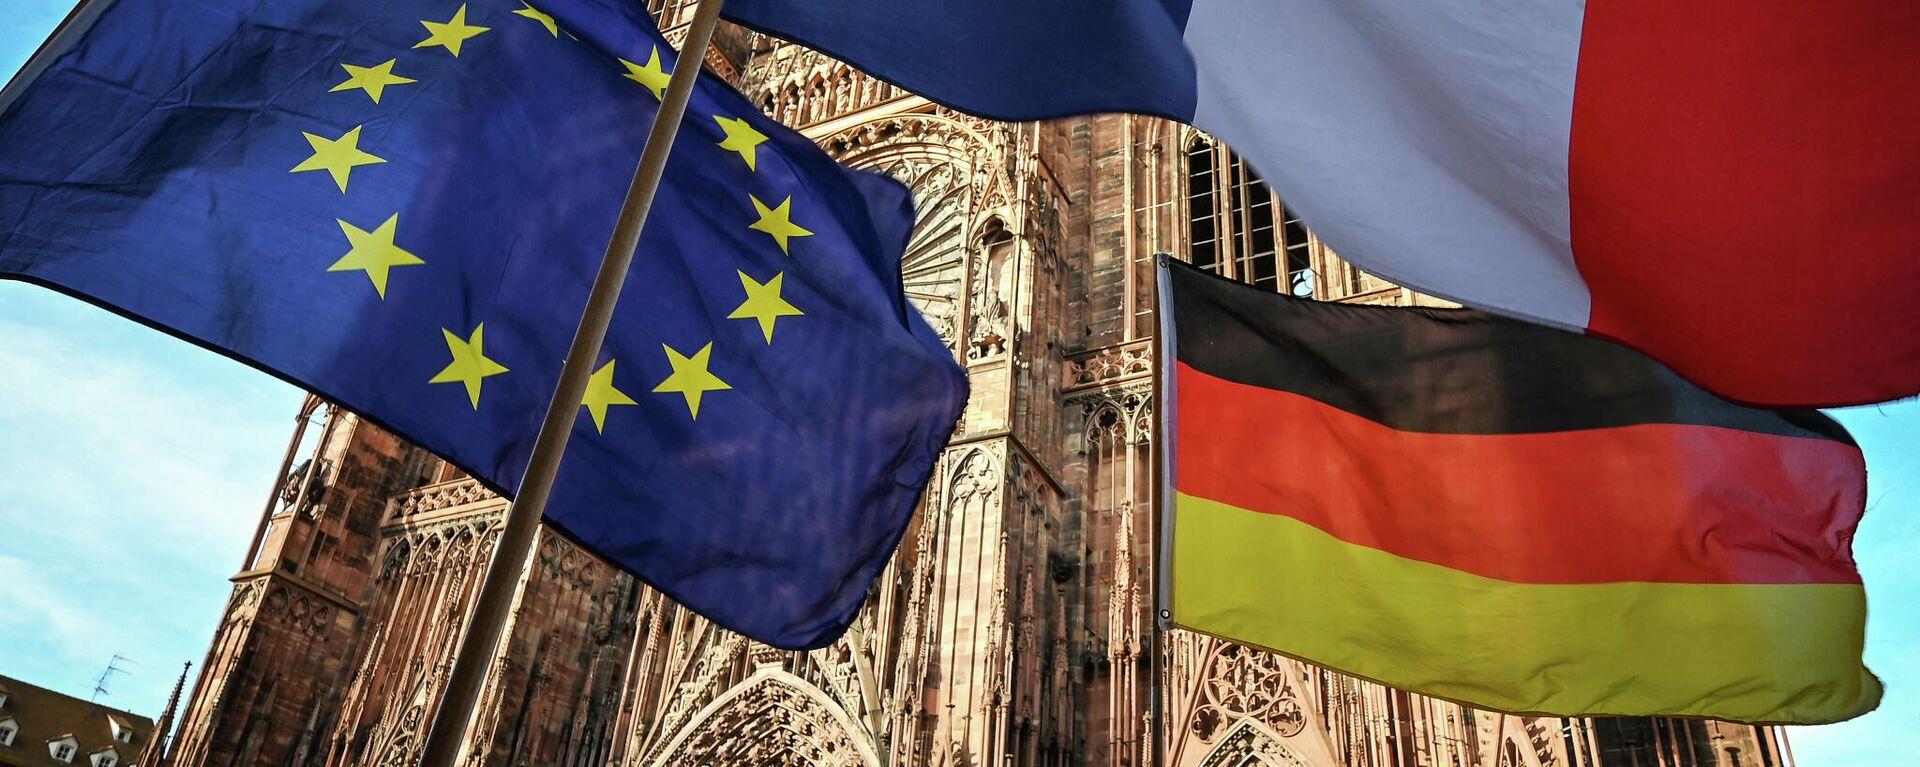 Las banderas de la UE, Francia y Alemania (imagen referencial) - Sputnik Mundo, 1920, 24.02.2021